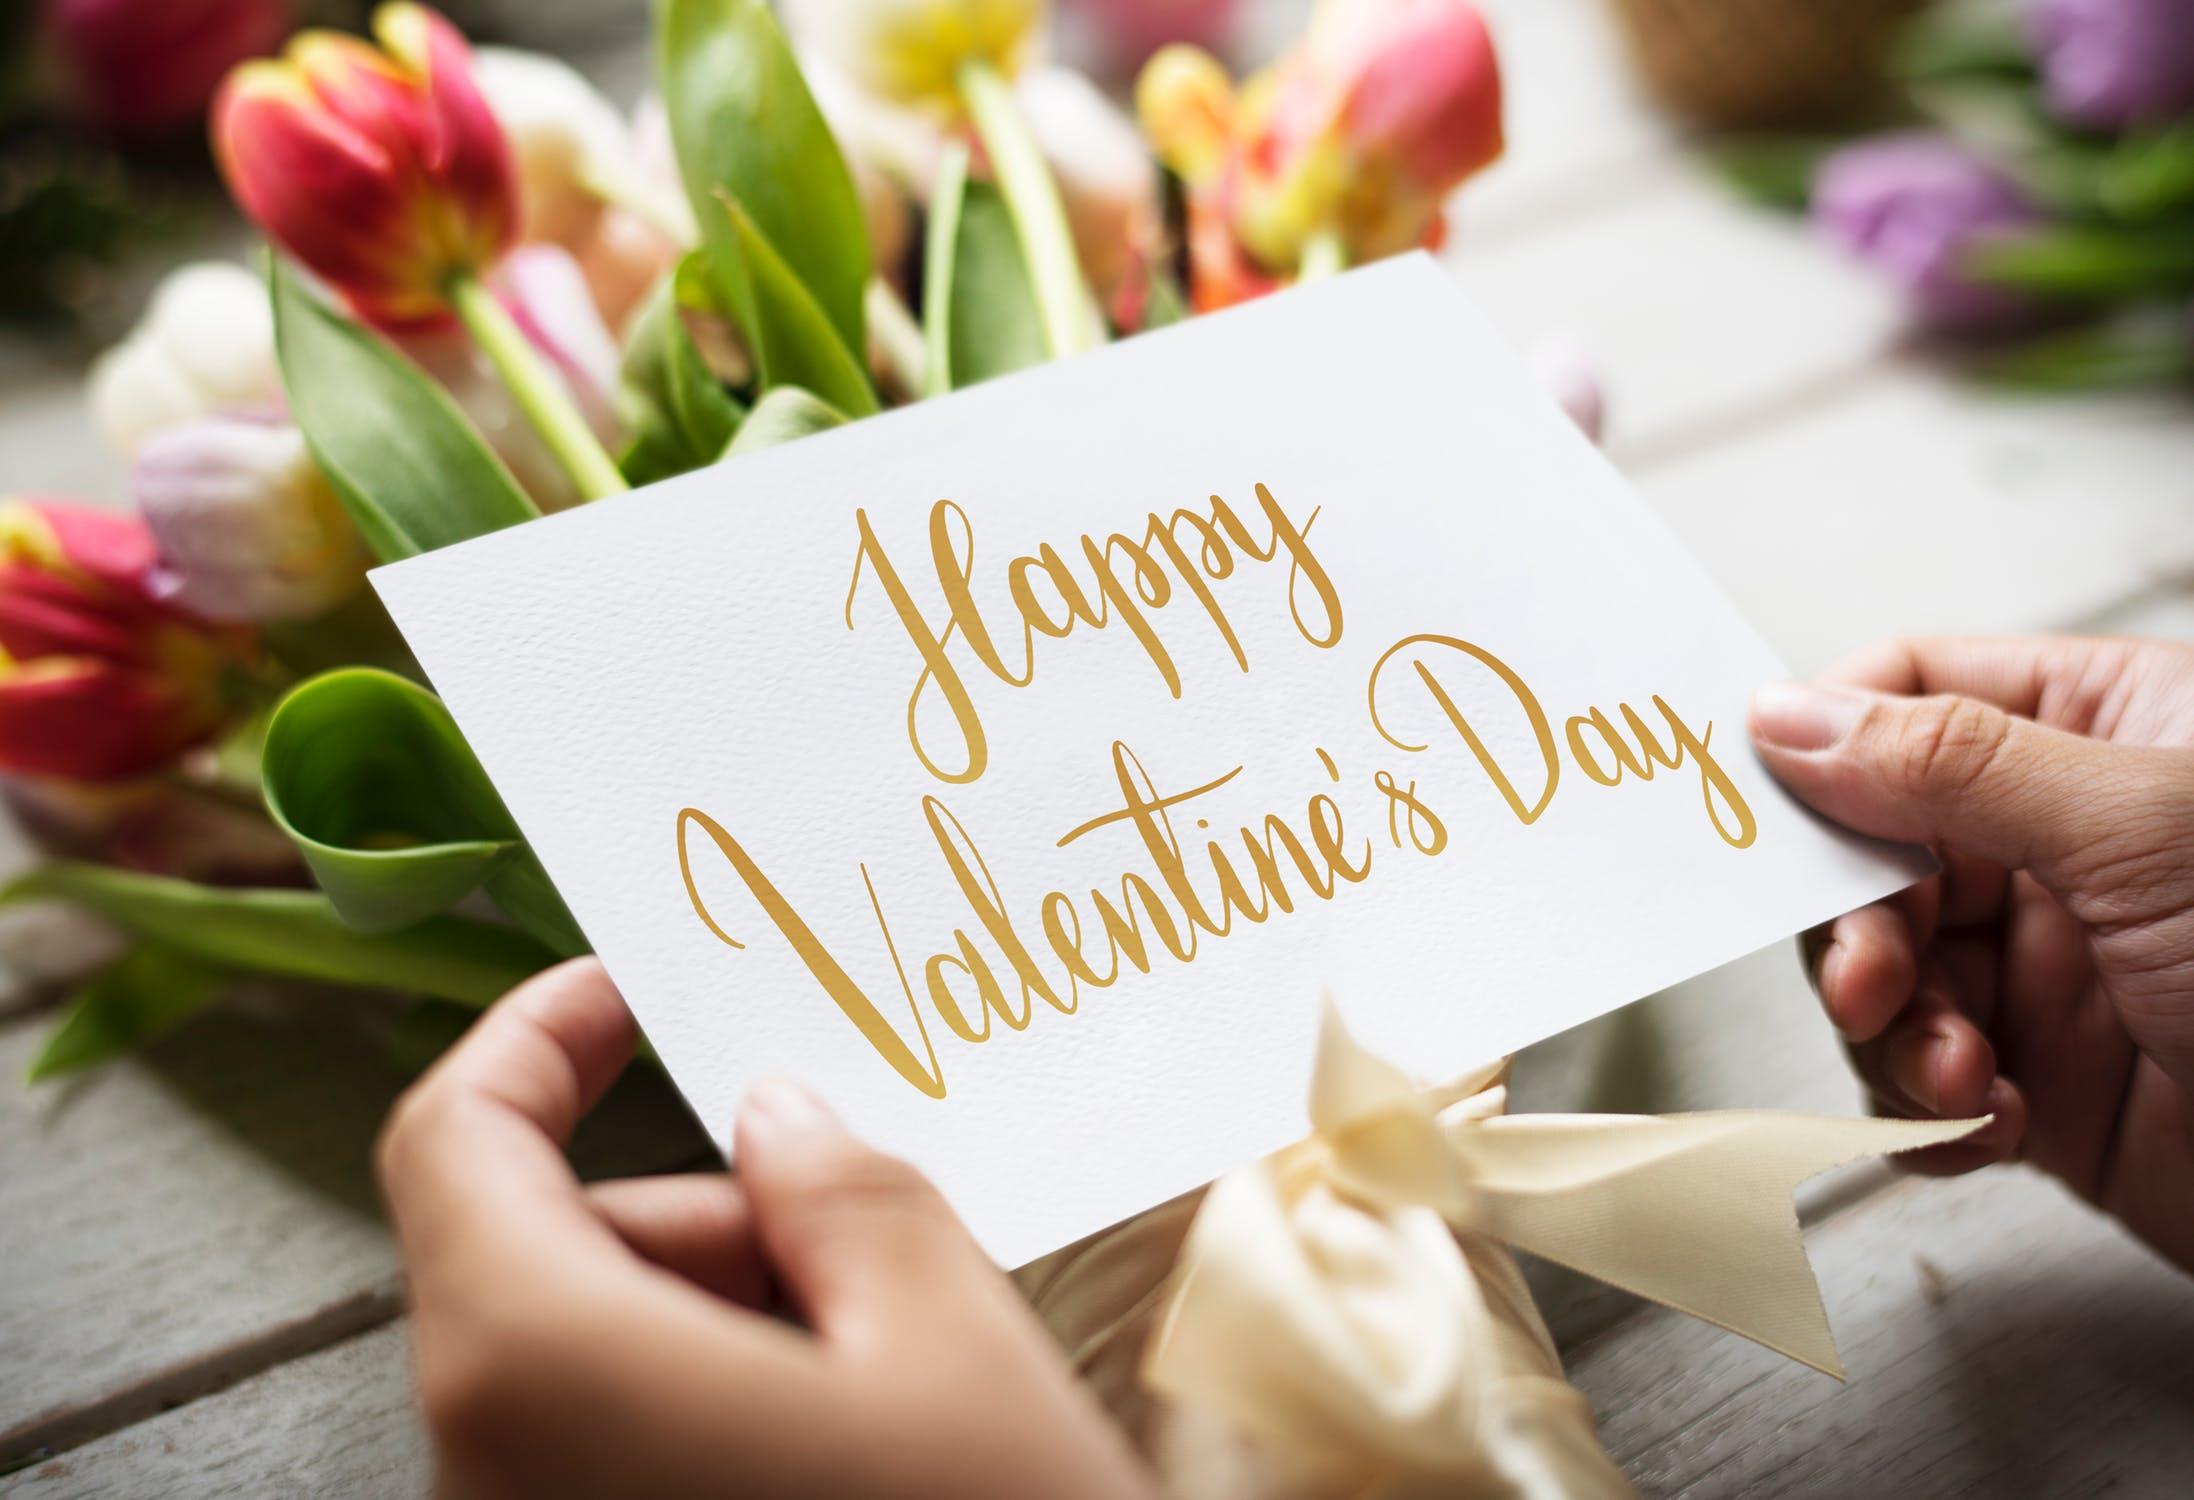 दिवस खास बनवण्यासाठी तुम्ही एक कॅलेंडर तयार करू शकता. त्यात प्रपोझ डे, पहिली डेट, पहिला लाल गुलाब दिला होता तो दिवस अशा तारखा बनवा. हे रोमँटिक कॅलेंडर नक्कीच आवडेल.